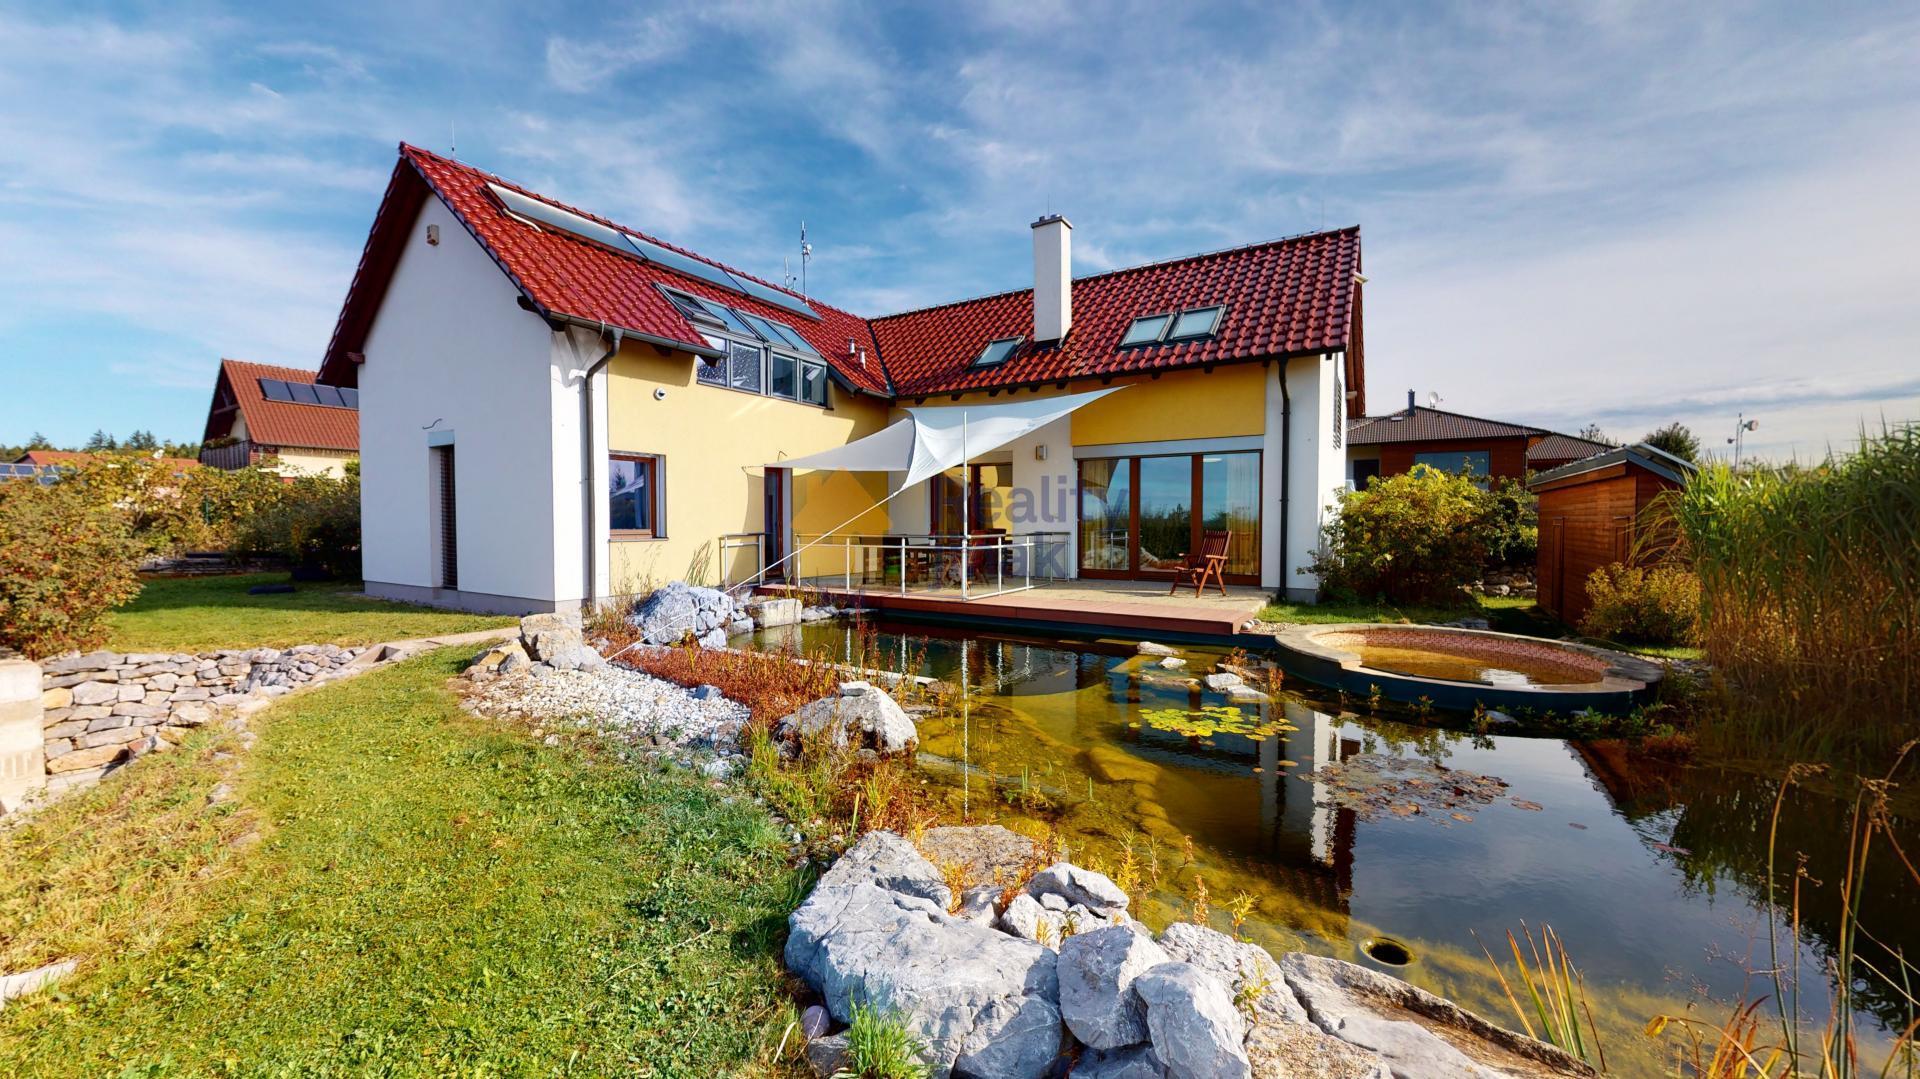 Prodej rodinného domu 6+kk, 223 m2, garáž, zahrada, bazén, Babice nad Svitavou